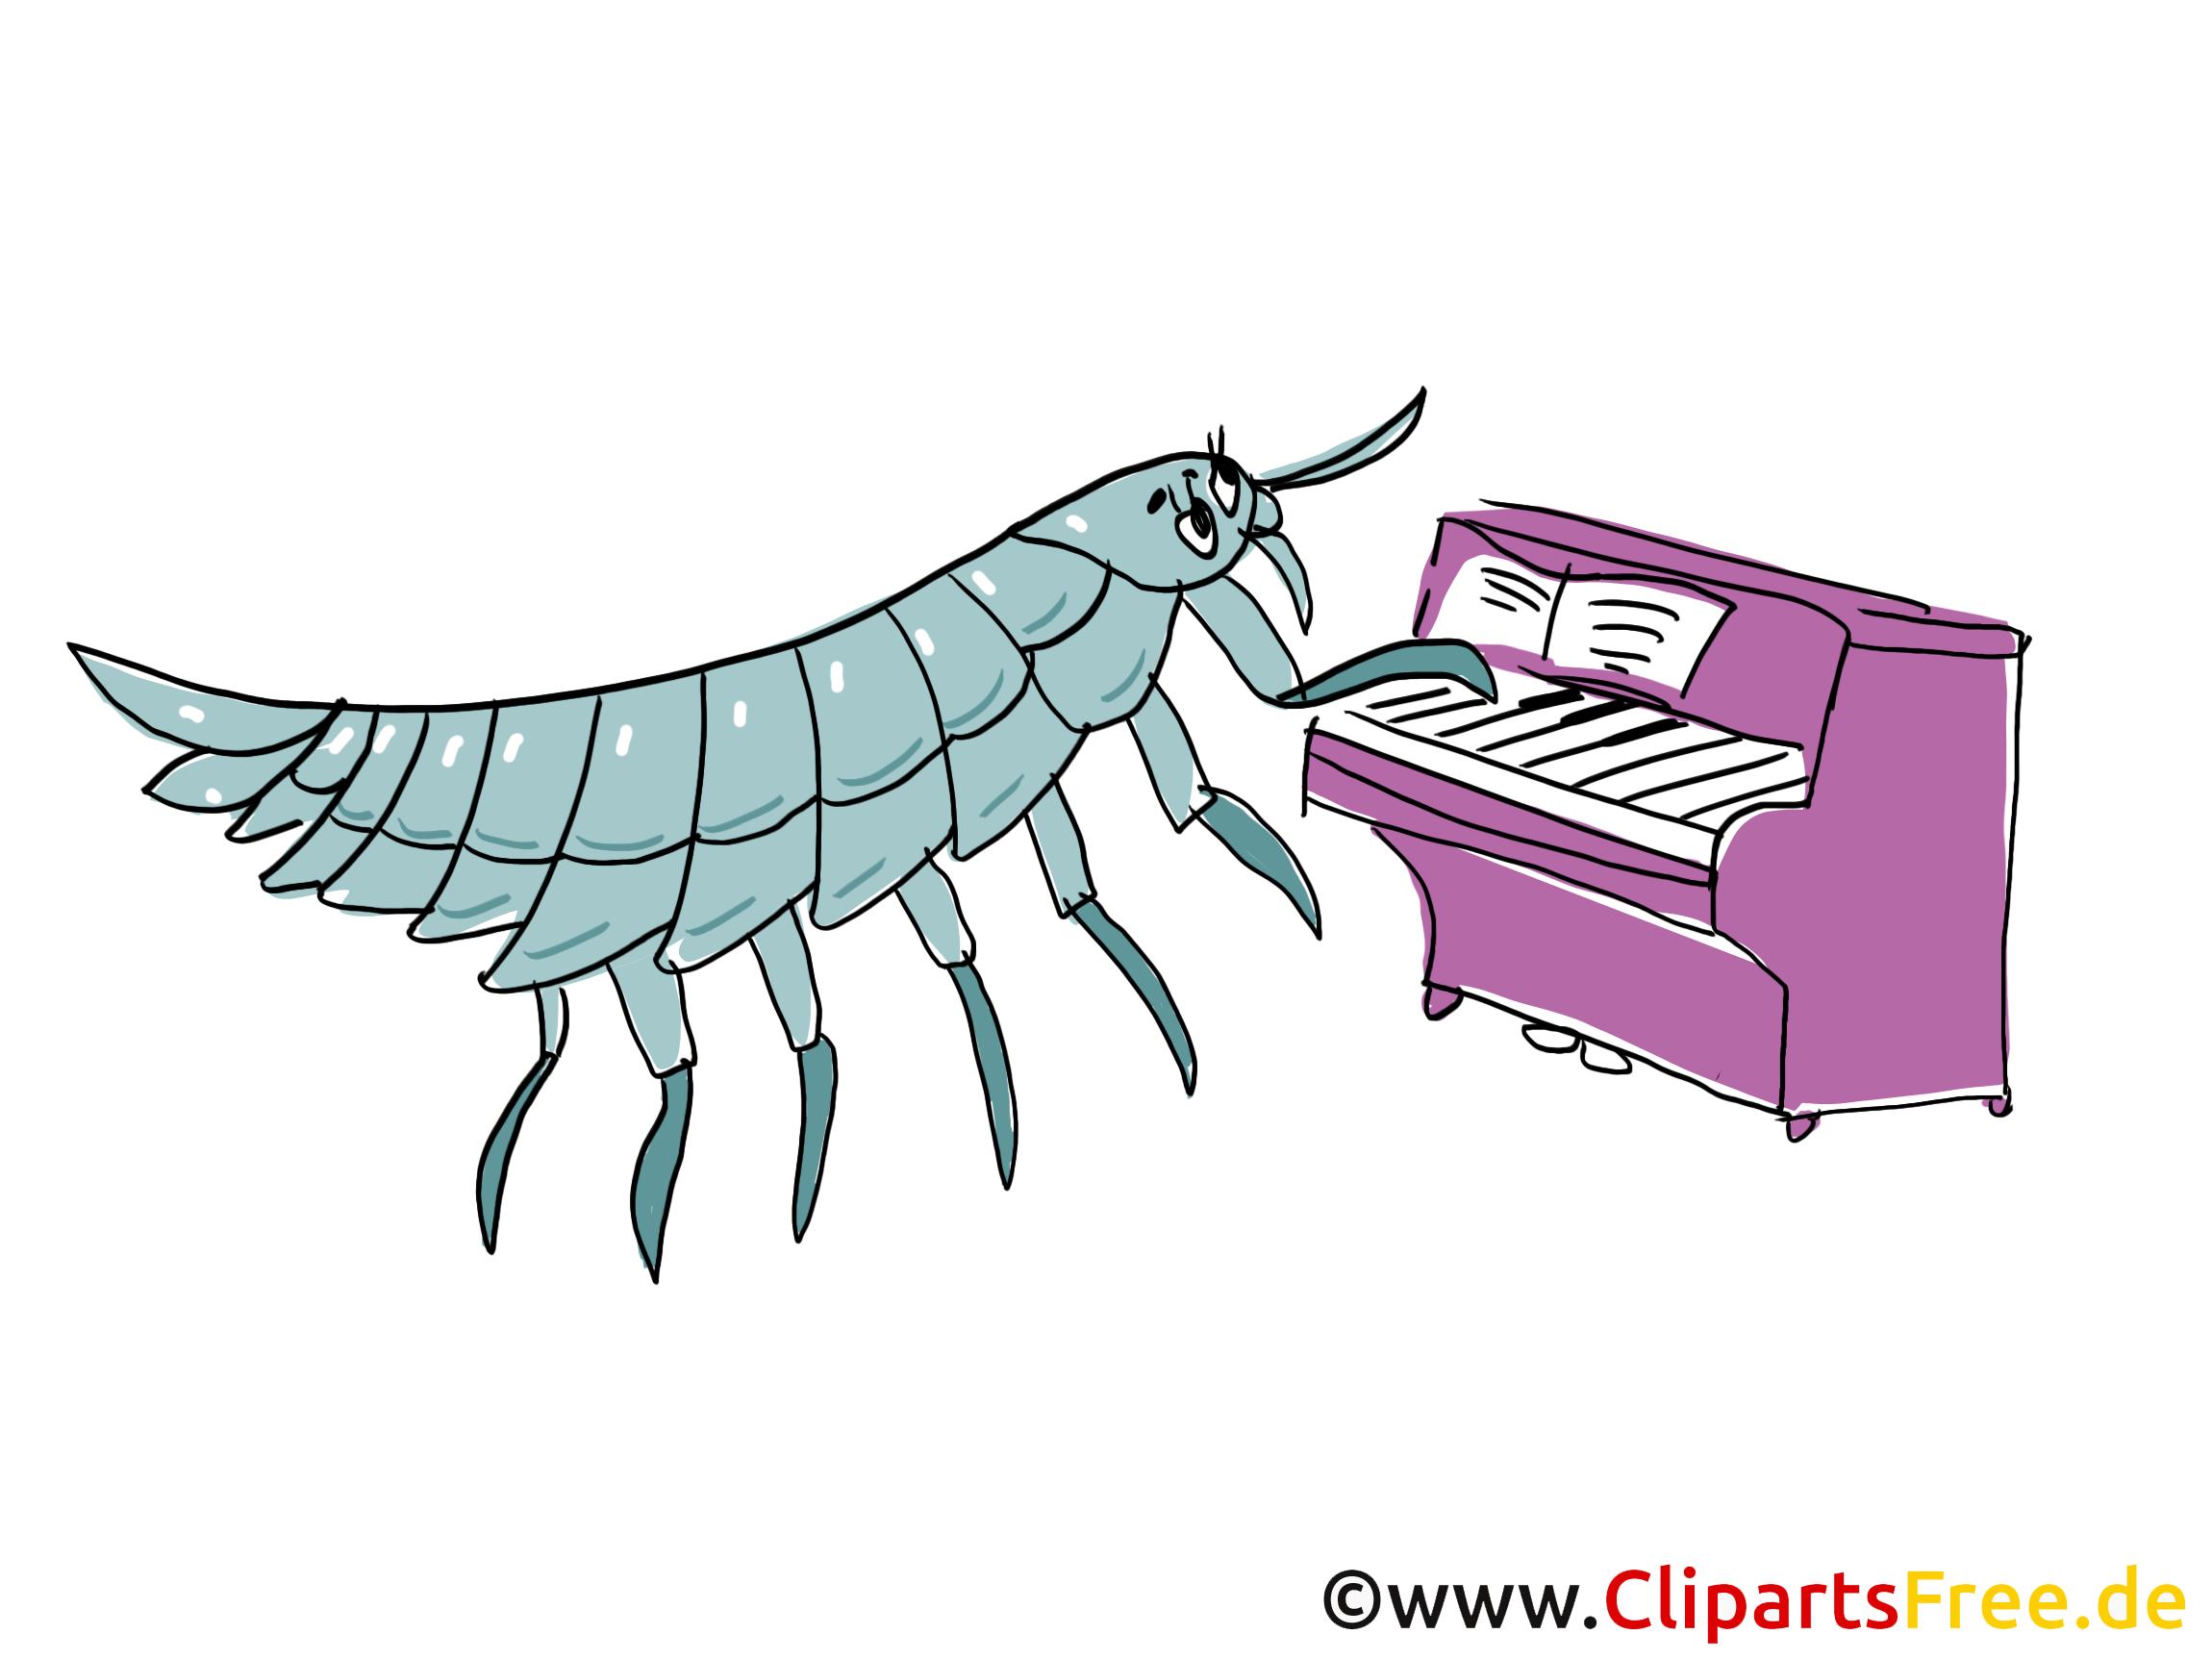 Klavier spielen Comic, Cartoon, Clipart, Bild, Zeichnung ...